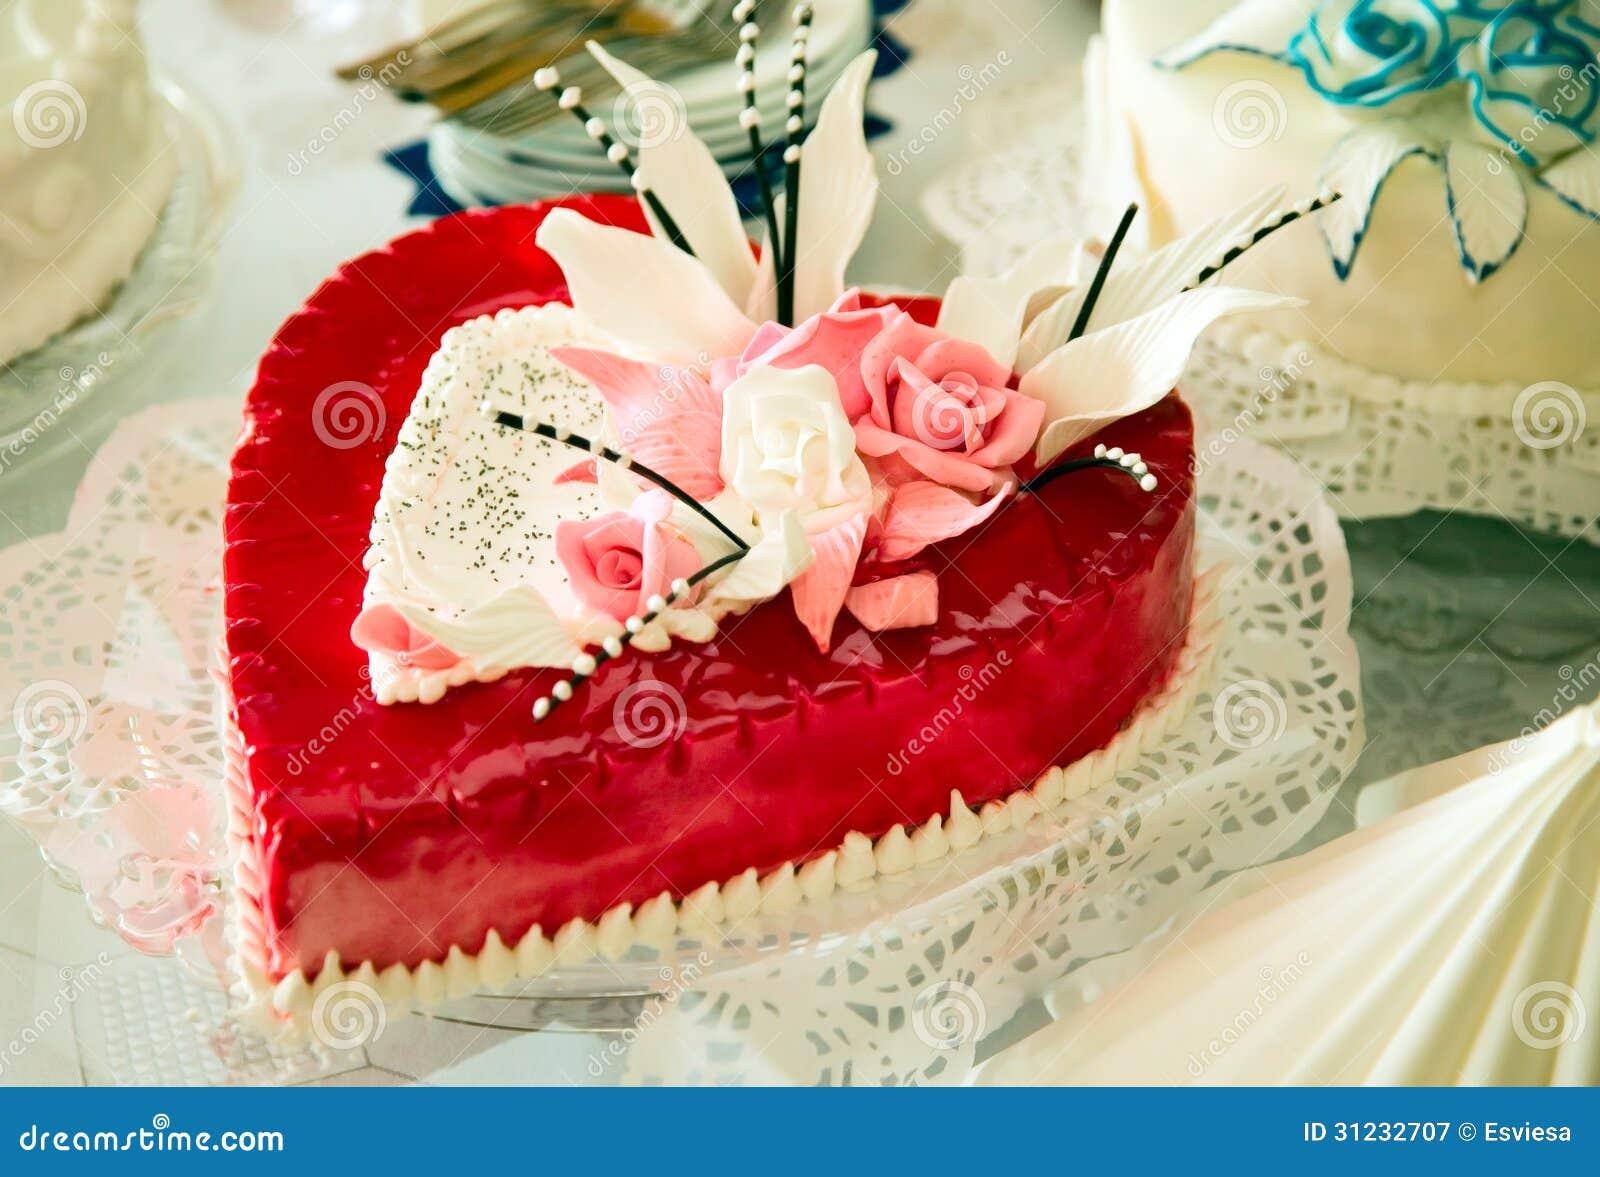 Gâteau De Mariage Comme Le Coeur Photographie stock libre de droits ...